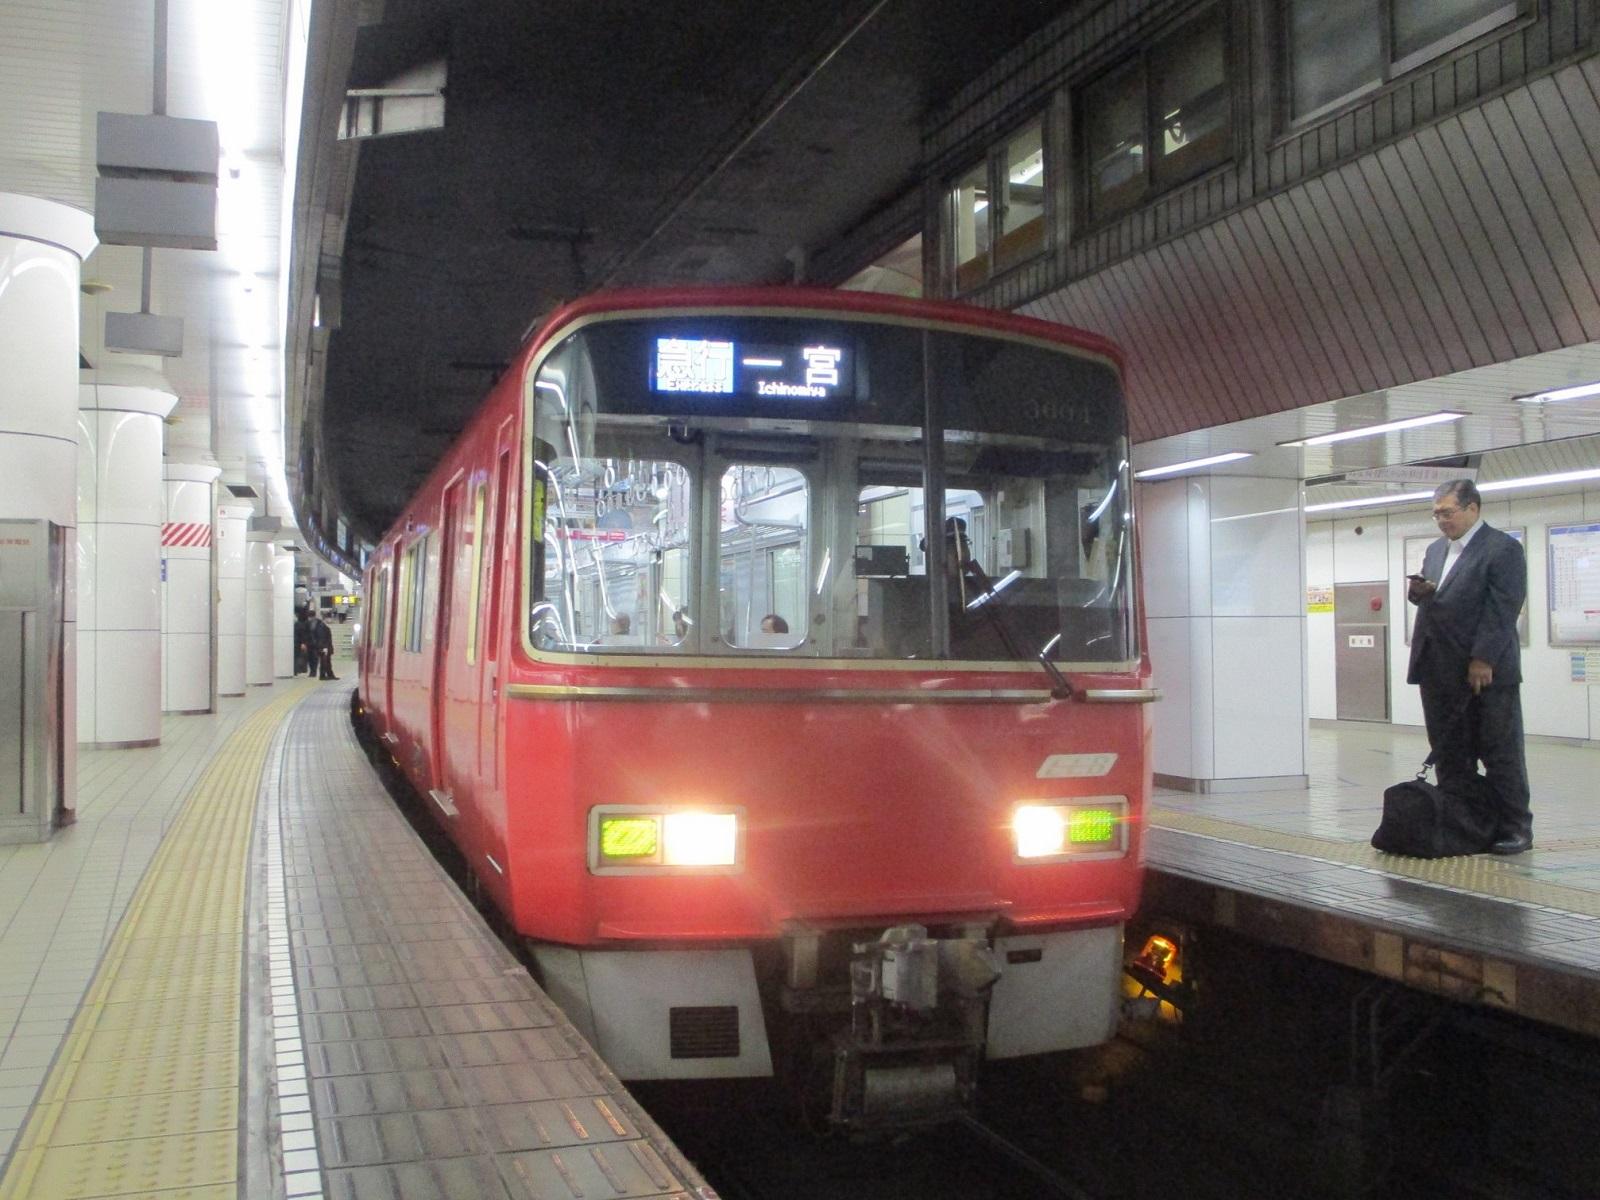 2020.1.30 (21) 名古屋 - 一宮いき急行 1600-1200